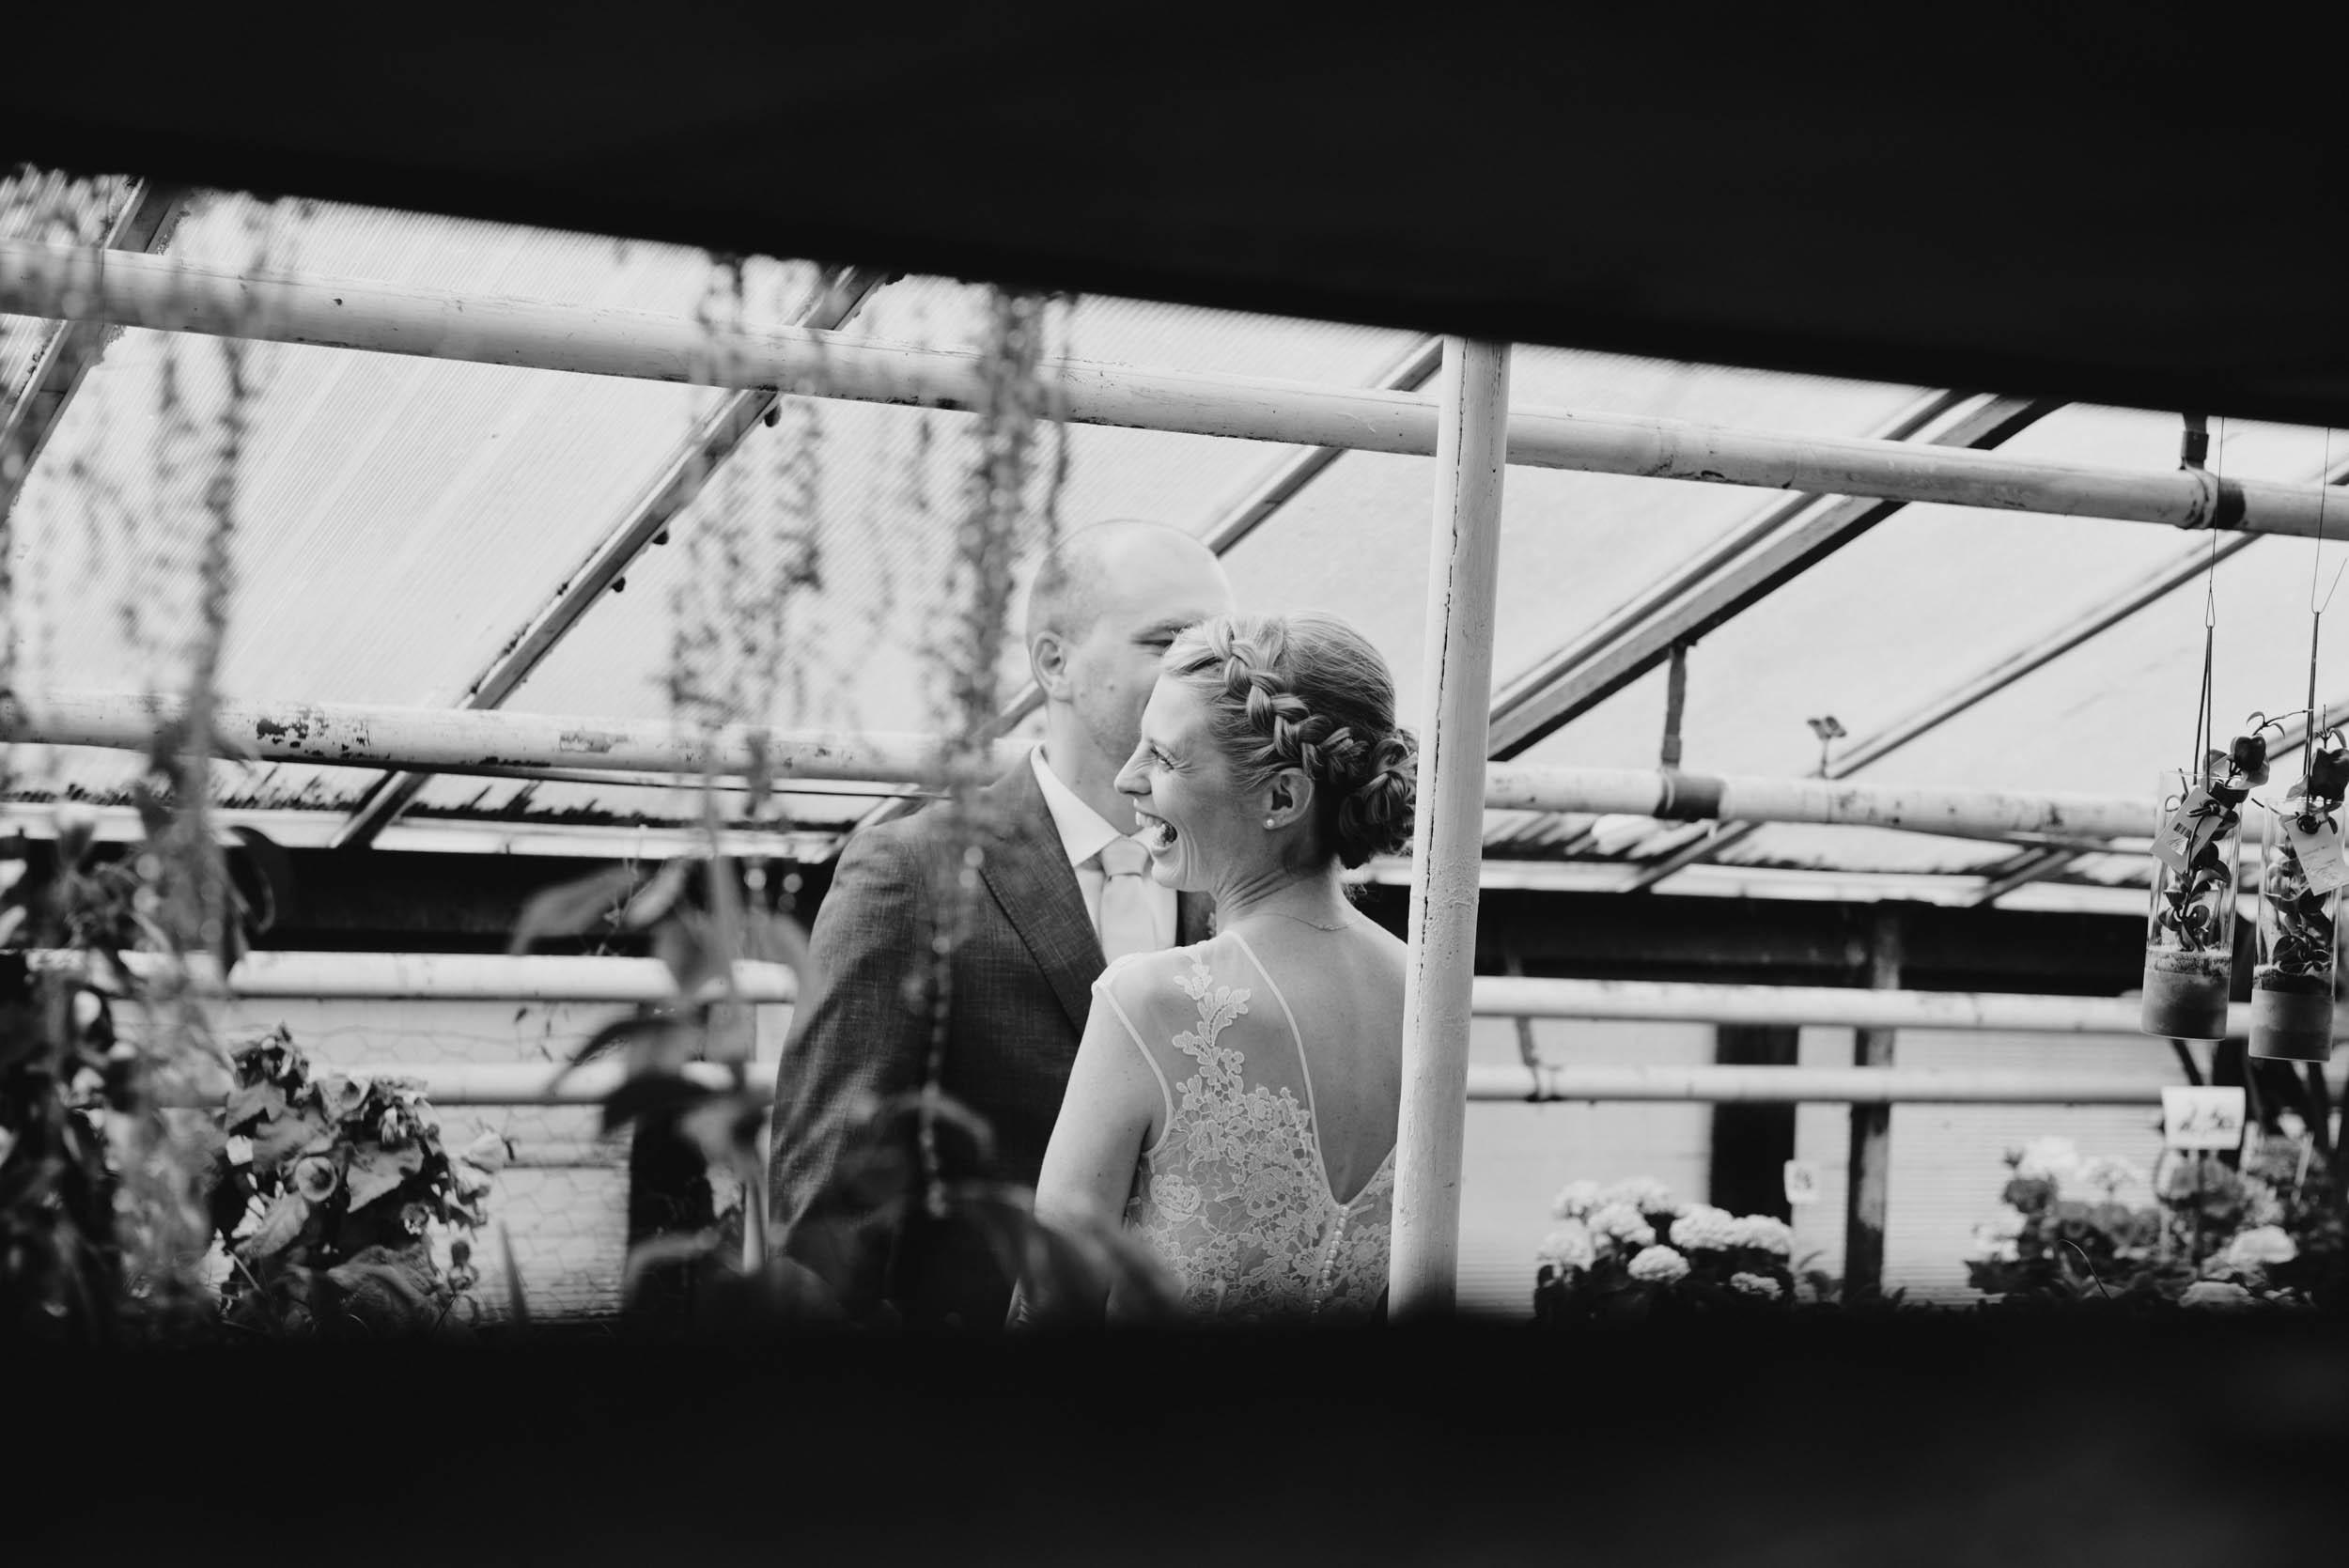 wewillweddings-hochzeitsfotografen-wien-tirol-__sterreich-4 Hochzeitsfotografin aus Tirol & Wien | Wedding Photographer Tyrol Austria